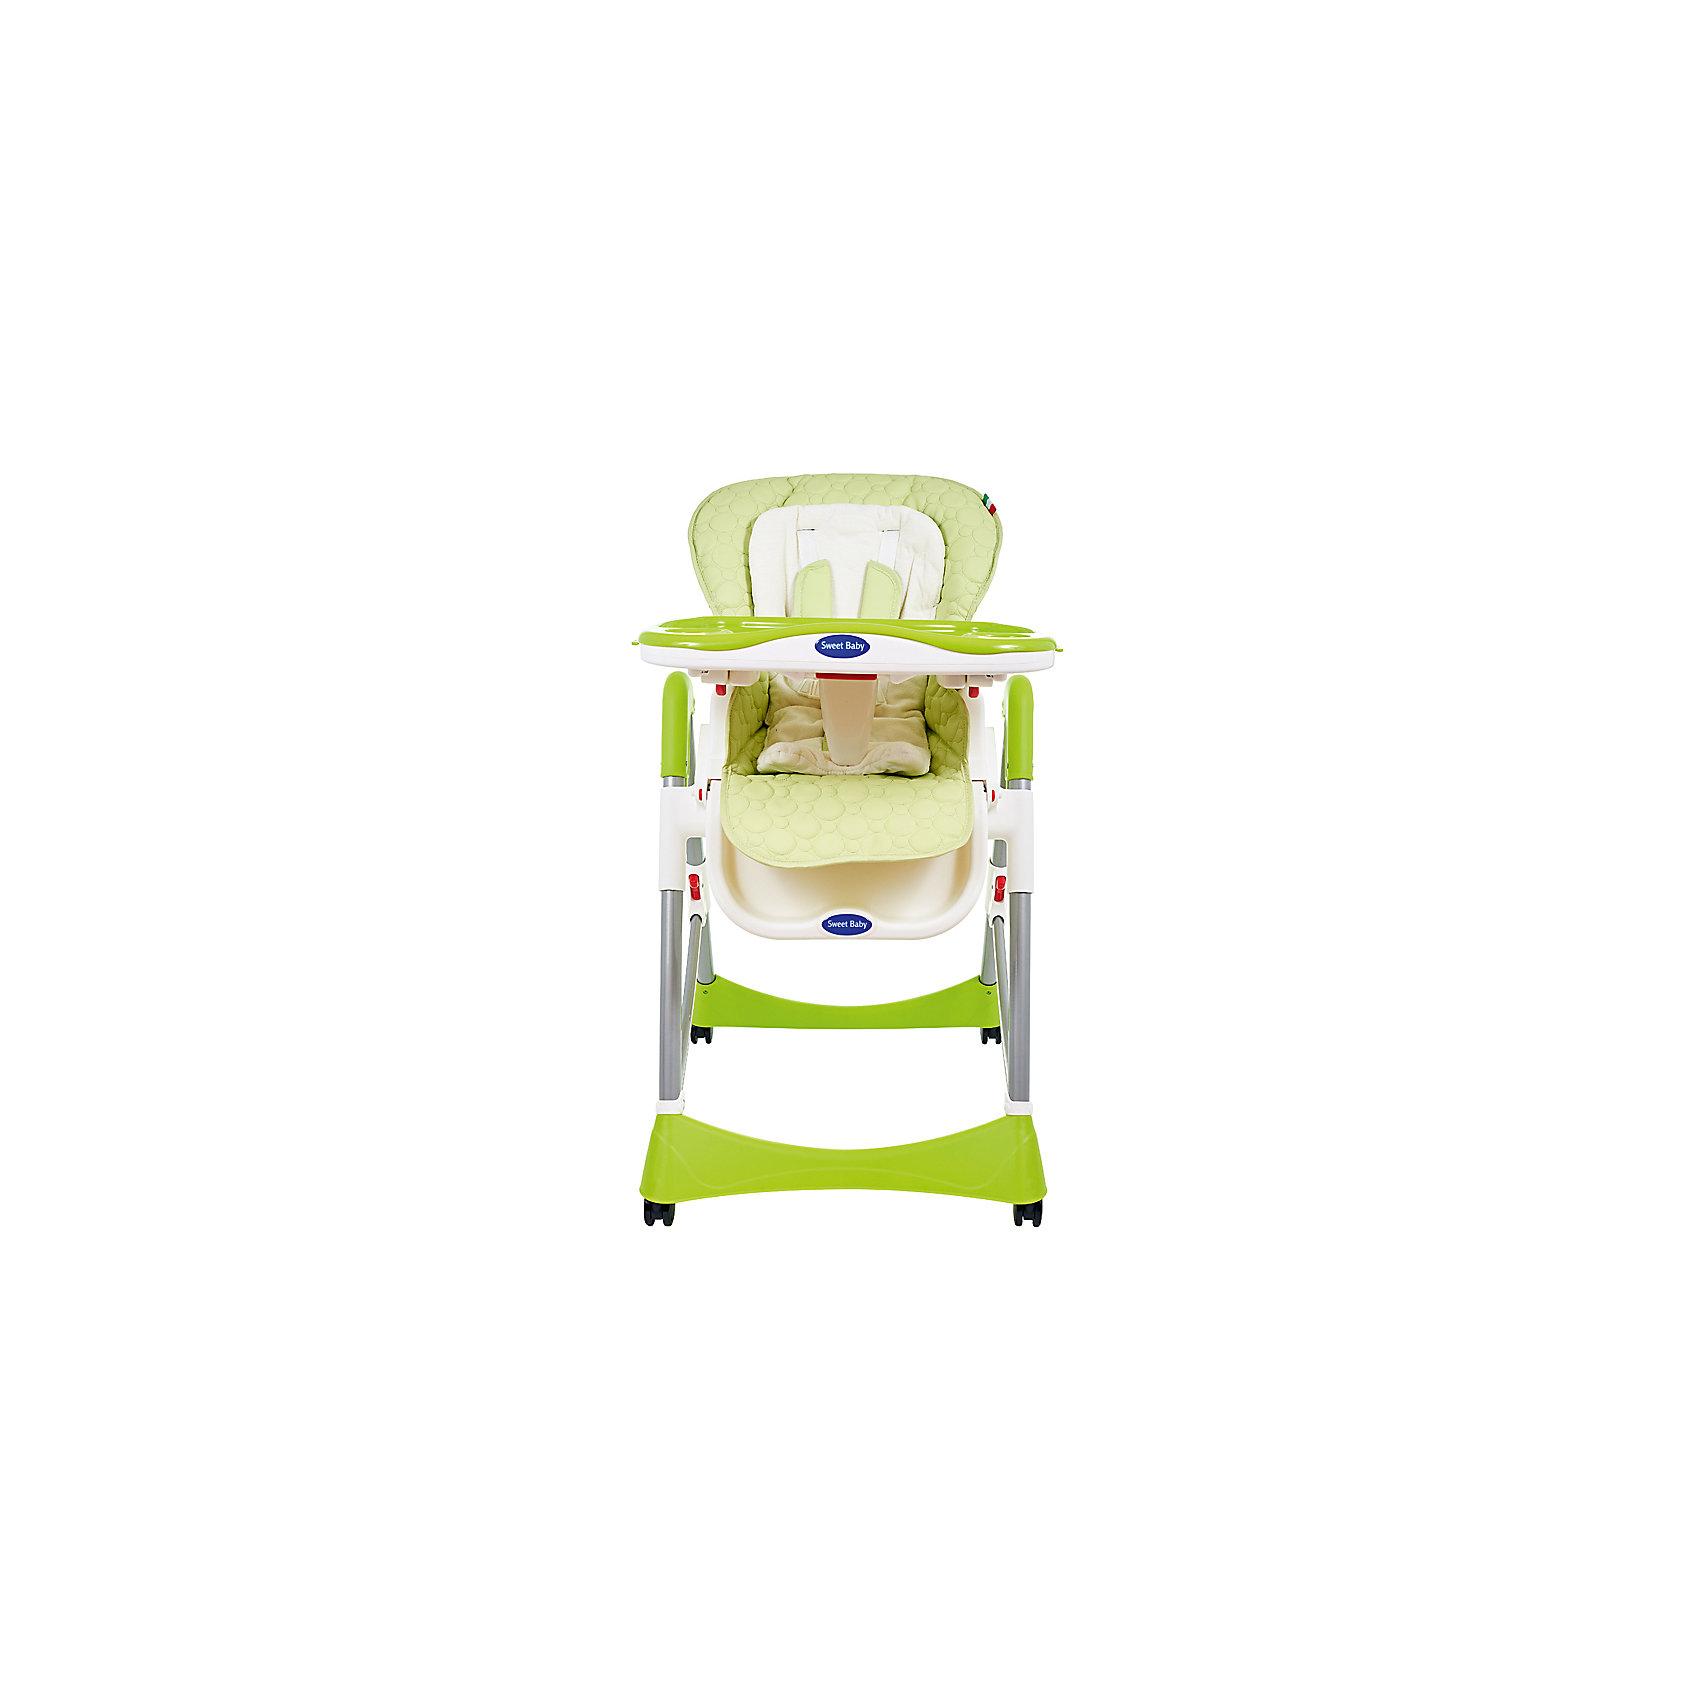 Стульчик для кормления Royal Classic, Sweet Baby, Melaот рождения<br>Характеристика товара:<br><br>• цвет: Mela (зеленый)<br>• используется в качестве стульчика для кормления или шезлонга для сна<br>• регулируемая спинка - 3 позиции, максимальный угол наклона 150 градусов<br>• регулируемая по наклону подножка (3 положения)<br>• чехол из экокожи (снимается)<br>• вкладыш из гипоаллергенной ткани (снимается)<br>• сетчато-текстильная корзина для аксессуаров<br>• 5-точечные ремни безопасности с надежным замком и мягкими накладками<br>• съемная верхняя накладка на поднос и 2 углубления для посуды<br>• 4 колеса со стоперами<br>• компактные размеры и устойчивость в сложенном виде<br>• возраст: от 0 месяцев<br>• материал рамы: металл, пластик<br>• вес - 10,6 кг<br>• размер (ДхШхВ) - 59х79х102 см<br><br>Стульчик для кормления Sweet Baby Royal Classic - идеальное сочетание функциональности и удобства.<br><br>Эта практичная модель, которая имеет немало полезных функций, которые позволяют использовать ее не только в качестве обычного стульчика для кормления, но и как место для отдыха малыша.<br><br>Стульчик для кормления Sweet Baby Royal Classic можно купить в нашем интернет-магазине.<br><br>Ширина мм: 475<br>Глубина мм: 725<br>Высота мм: 275<br>Вес г: 12200<br>Возраст от месяцев: 0<br>Возраст до месяцев: 36<br>Пол: Унисекс<br>Возраст: Детский<br>SKU: 5583537